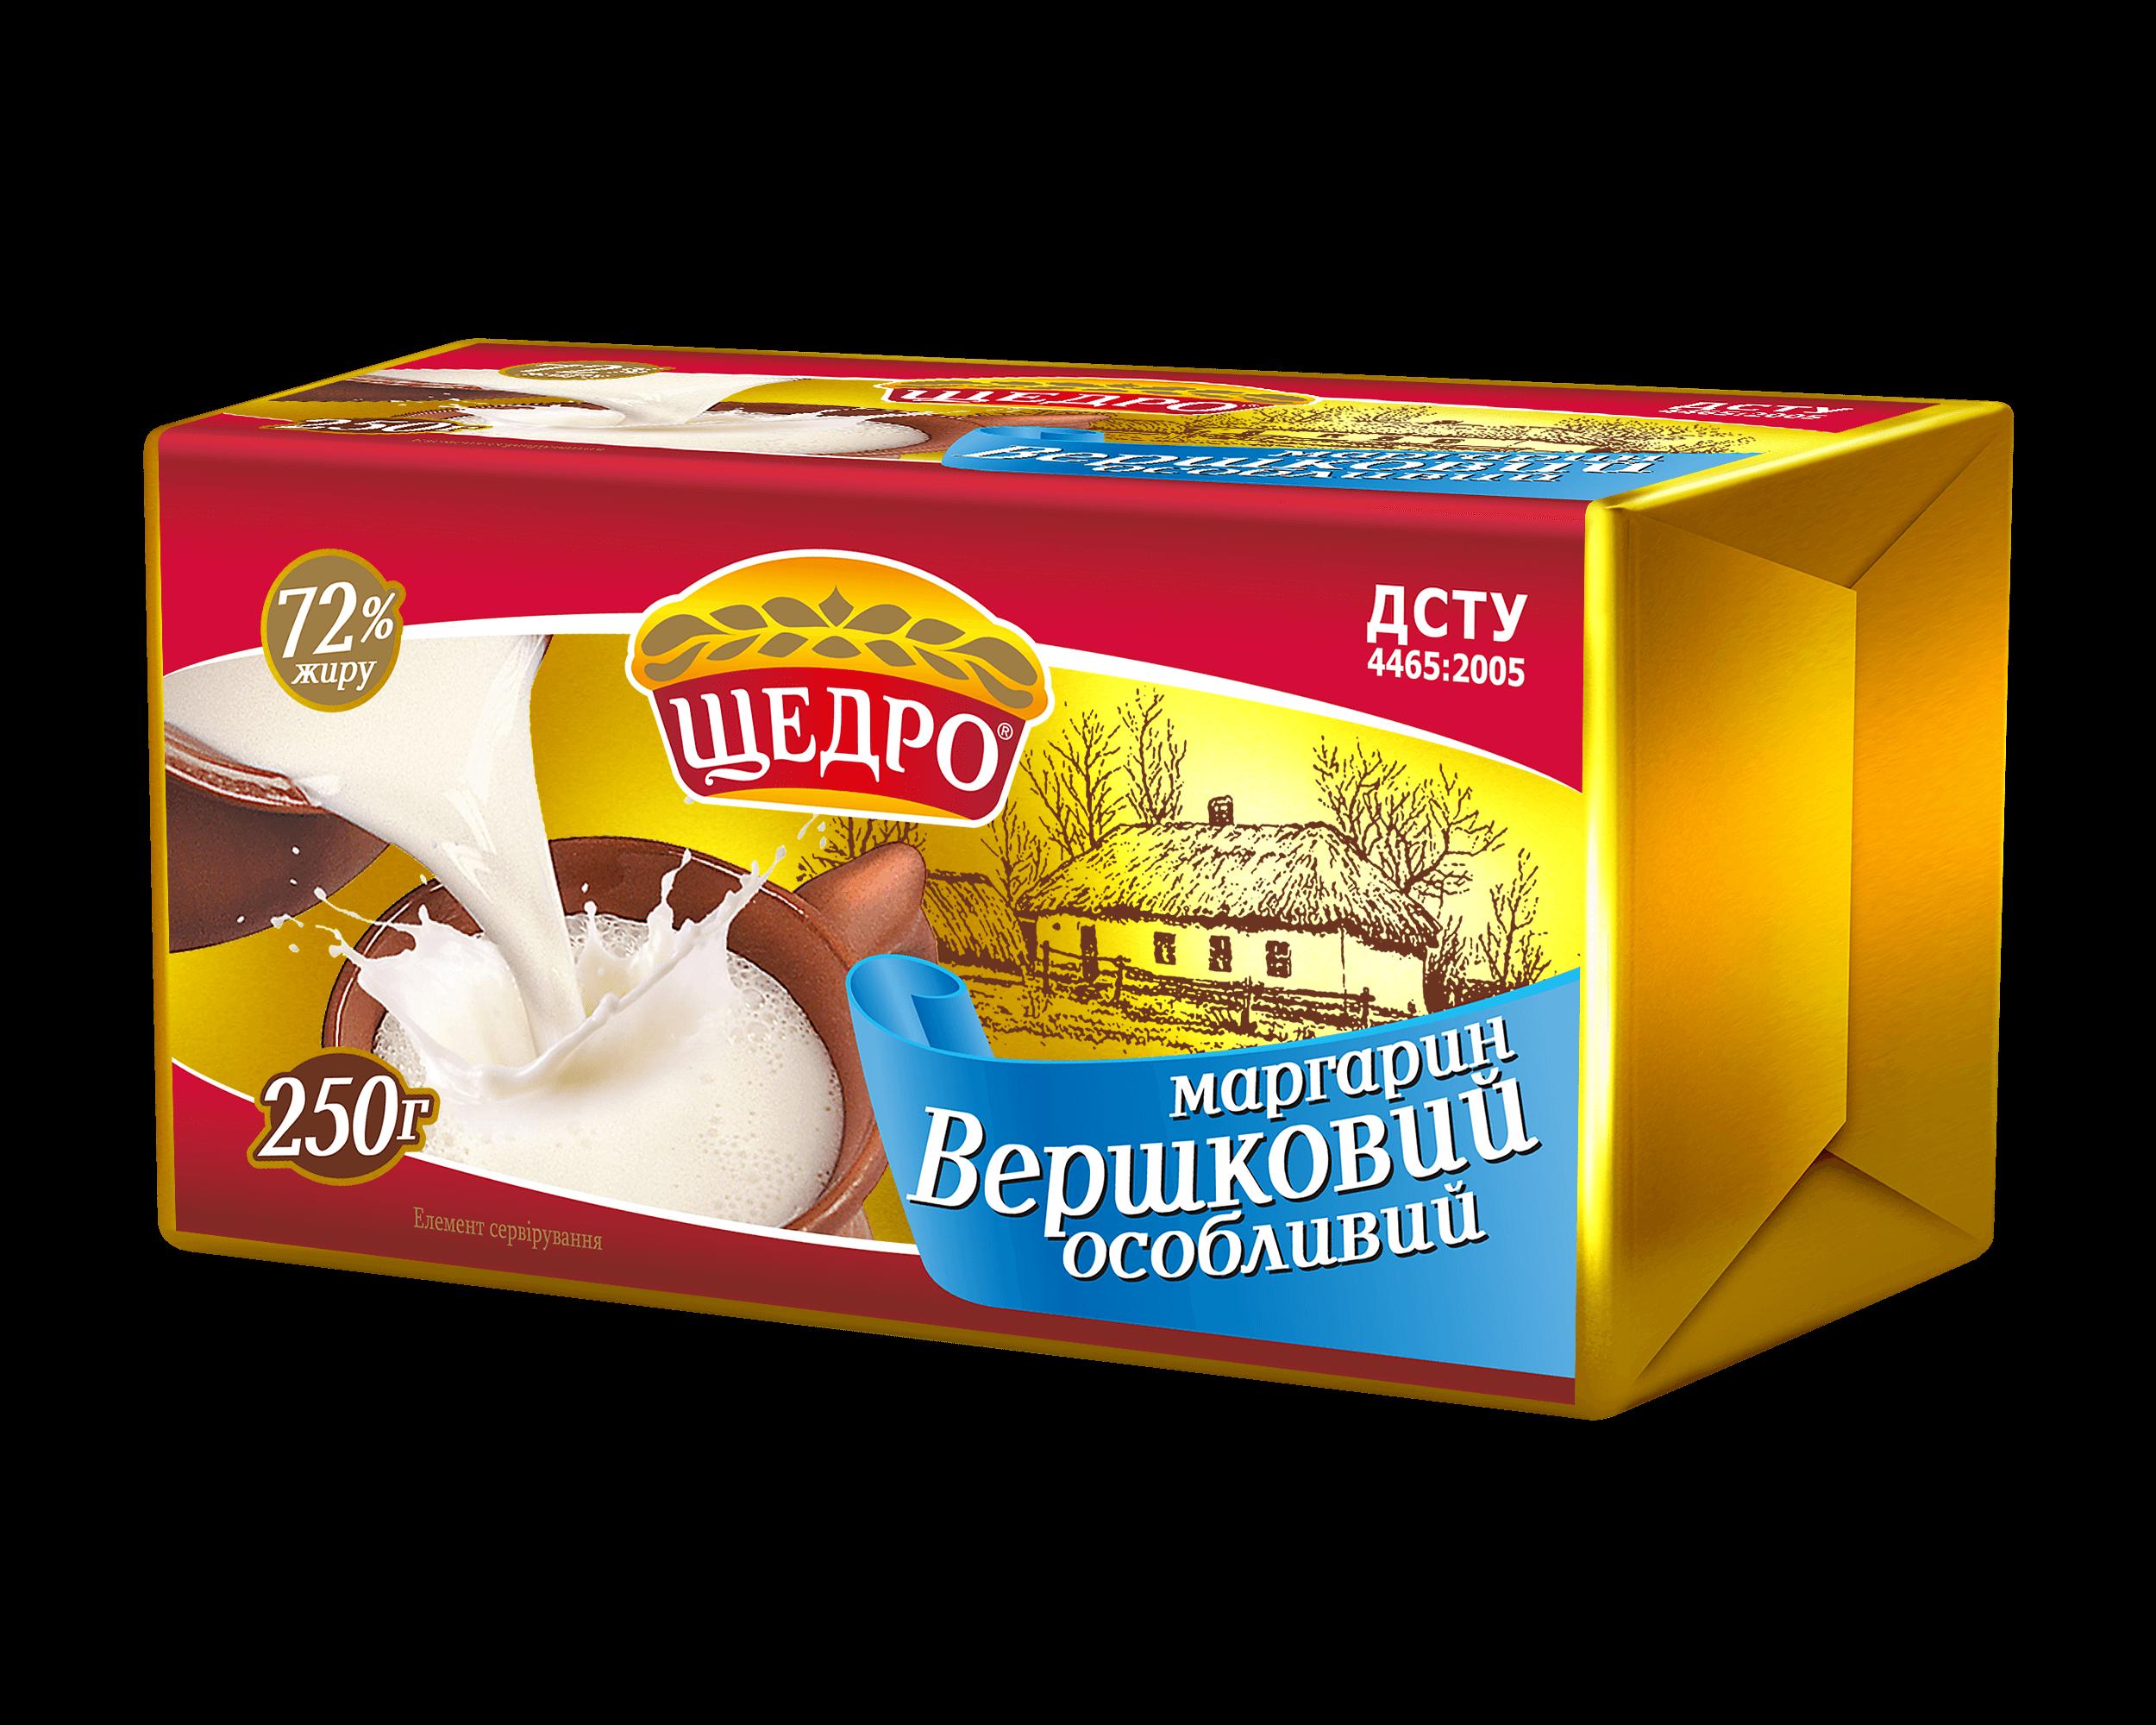 Маргарин молочный продукт или нет. описание